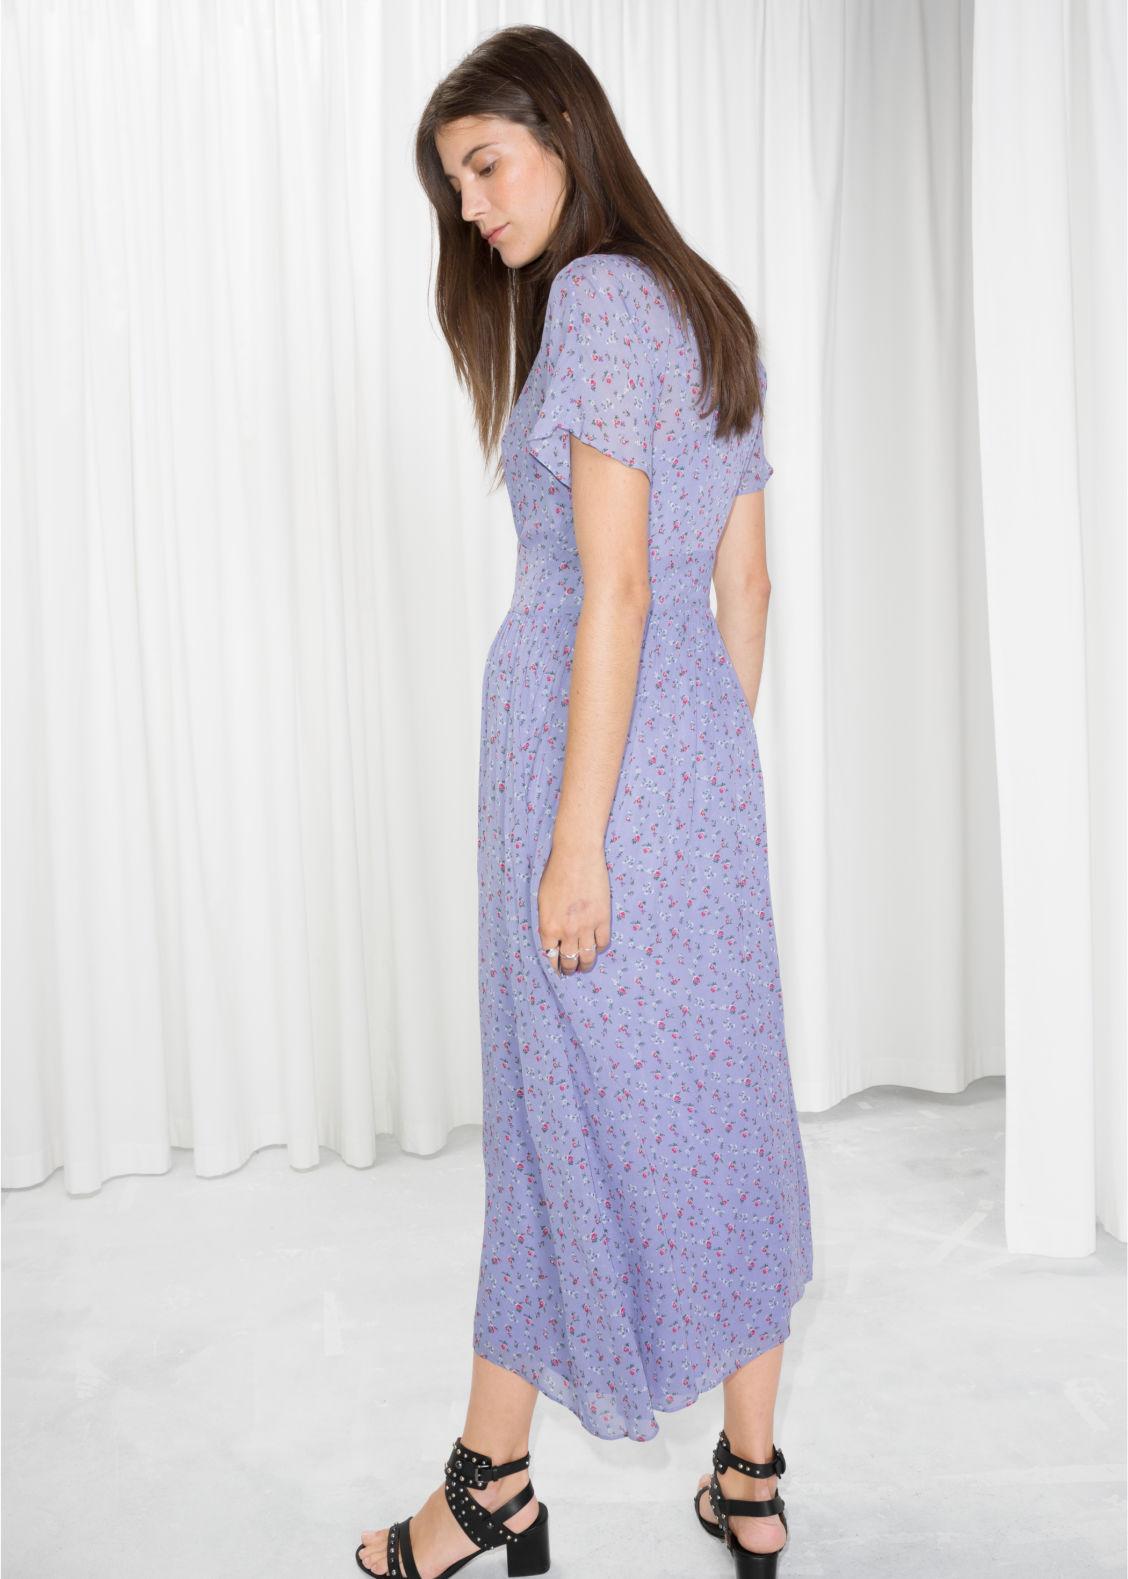 b29a17784983 Floral Print Midi Dress - Light Blue - Midi dresses -   Other Stories